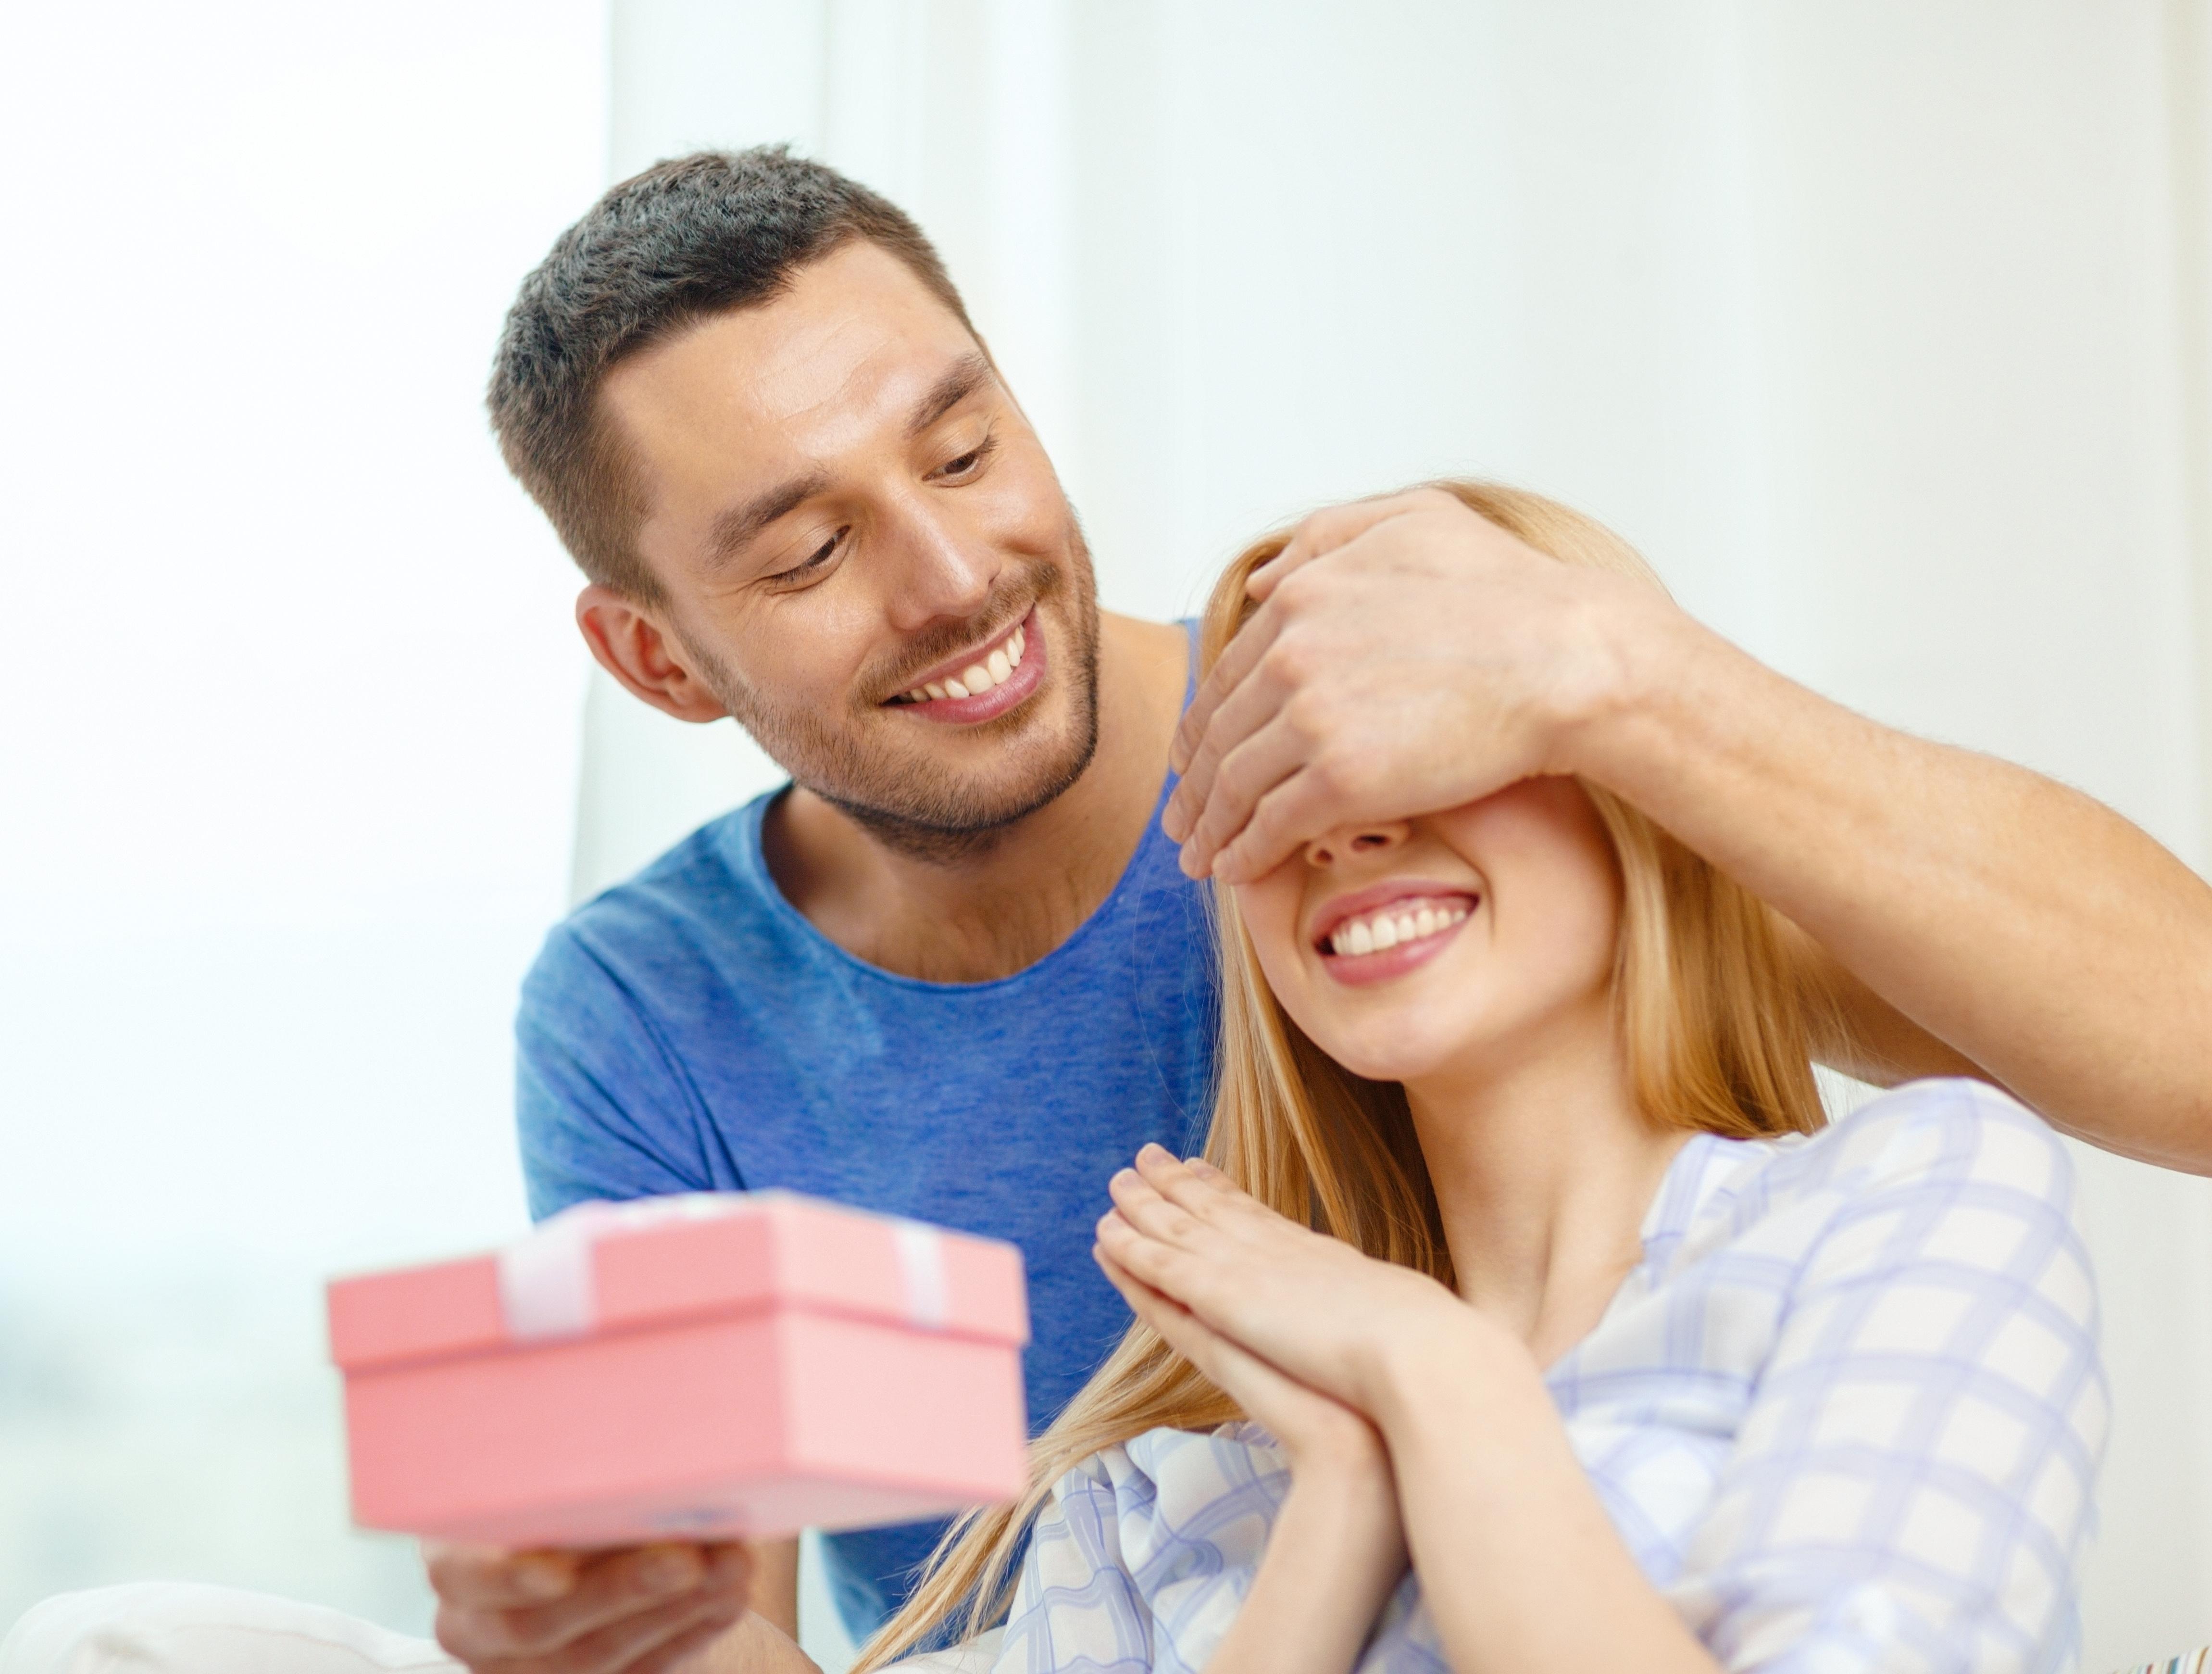 Geschenke für Frauen - Erlebnisse-geschenke-fuer-frauen - Einmalige Erlebnisse